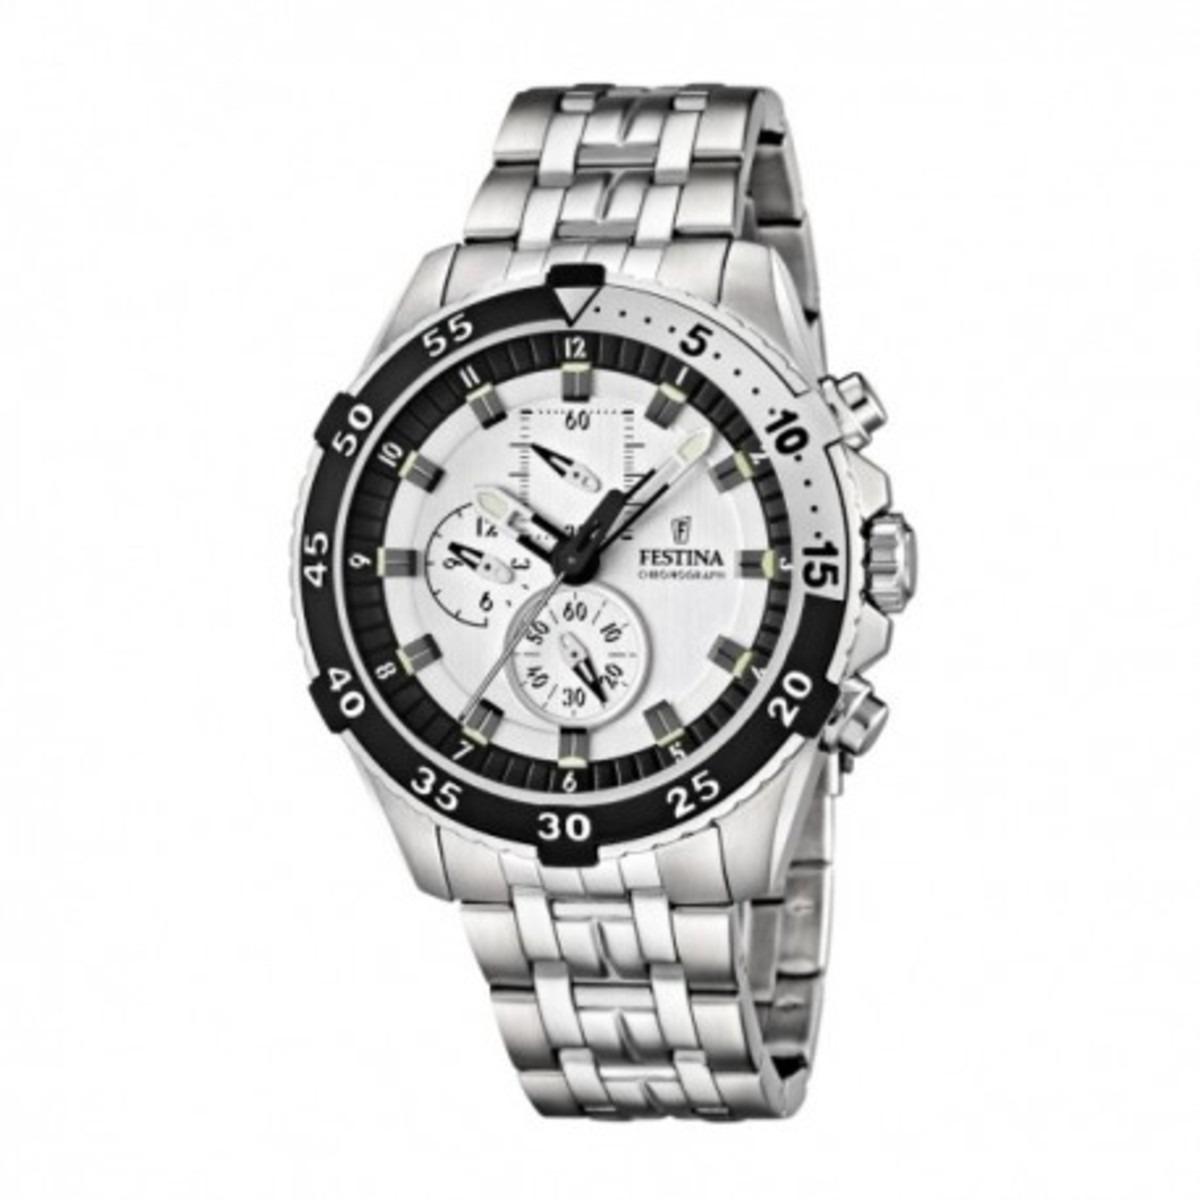 249ba07a8174 reloj hombre festina tour of britain f16603-1 acero y blanco. Cargando zoom.